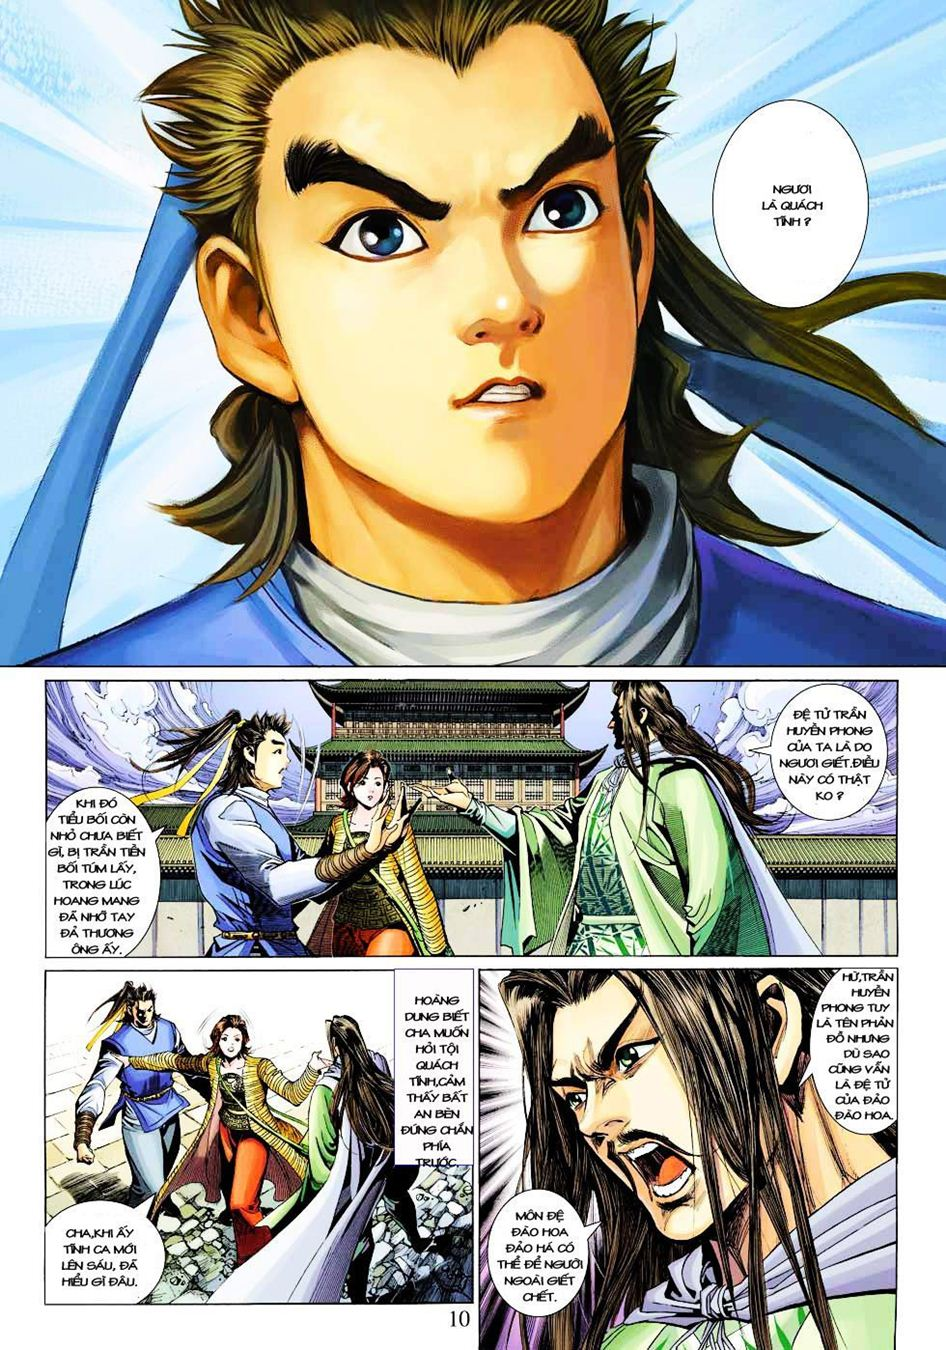 Anh Hùng Xạ Điêu anh hùng xạ đêu chap 33 trang 10